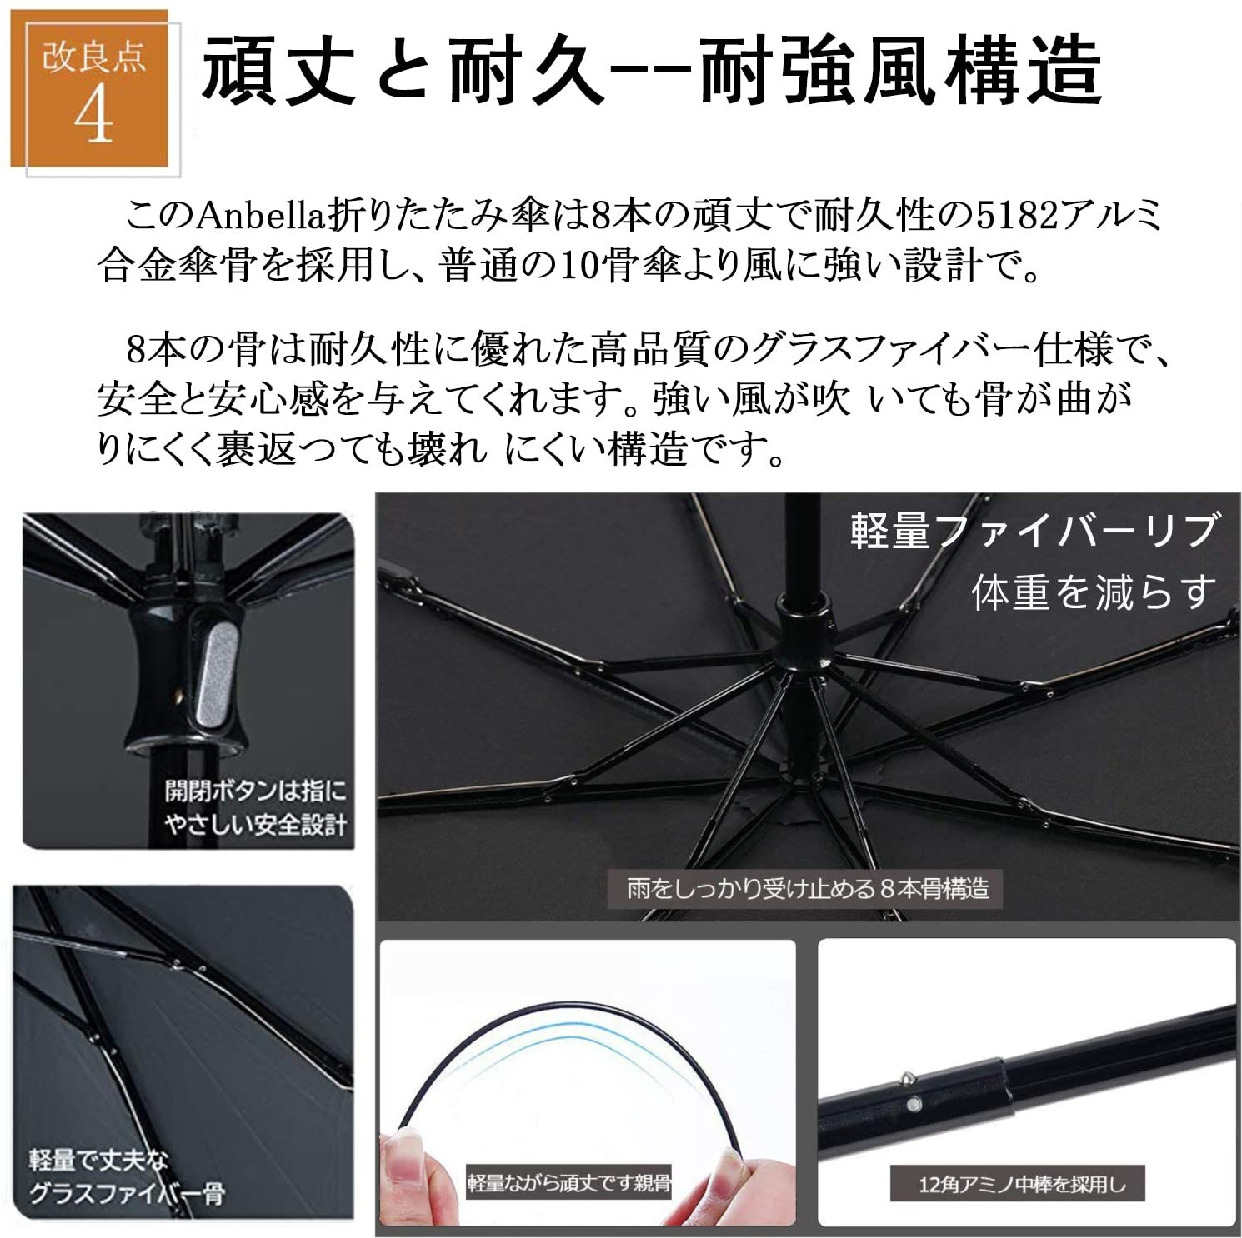 Anbella(アンベラ) 折りたたみ傘 日傘 メンズの商品画像6